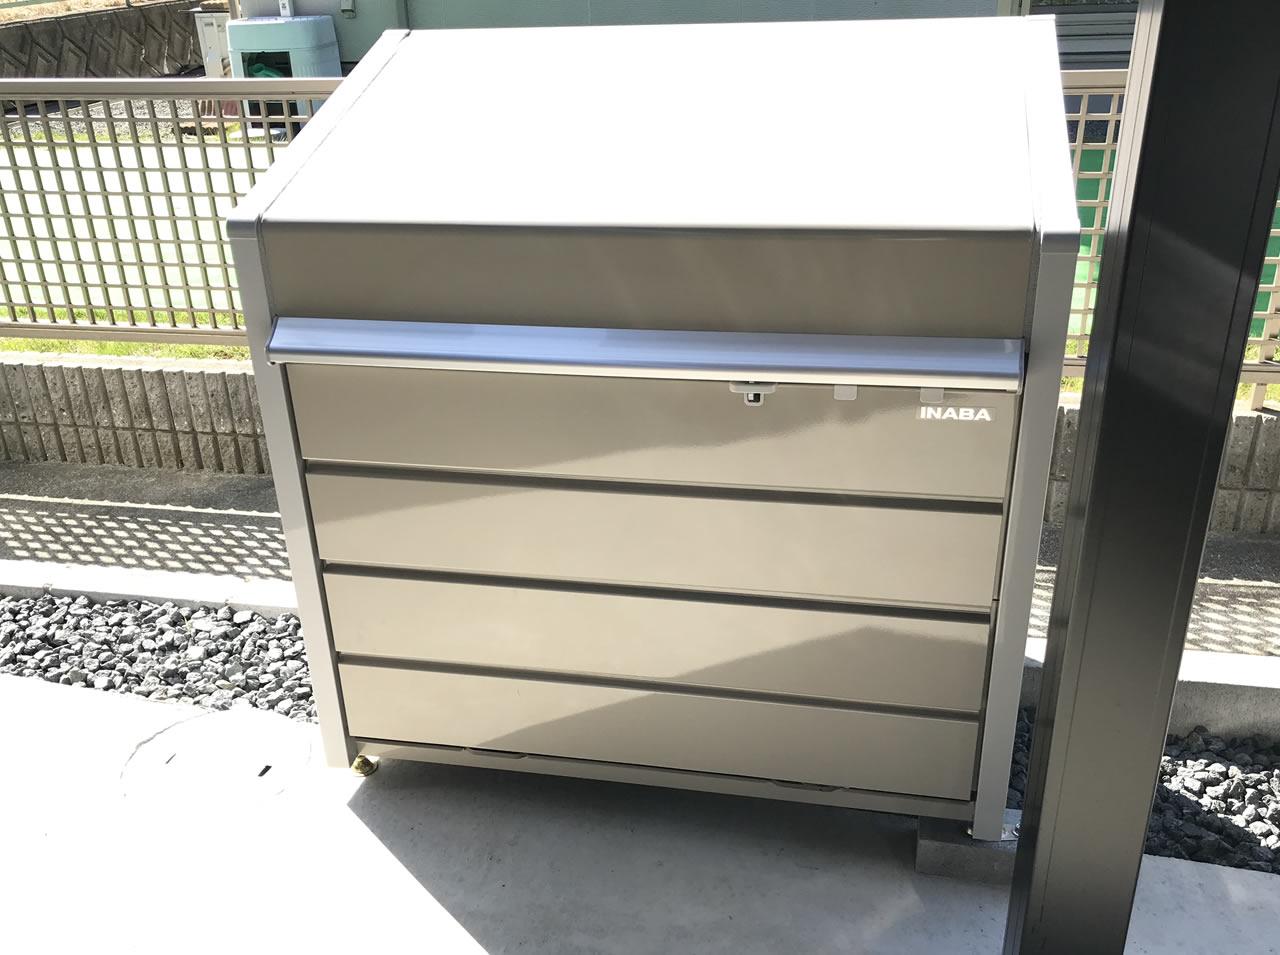 イナバ物置のダストボックスを設置しました